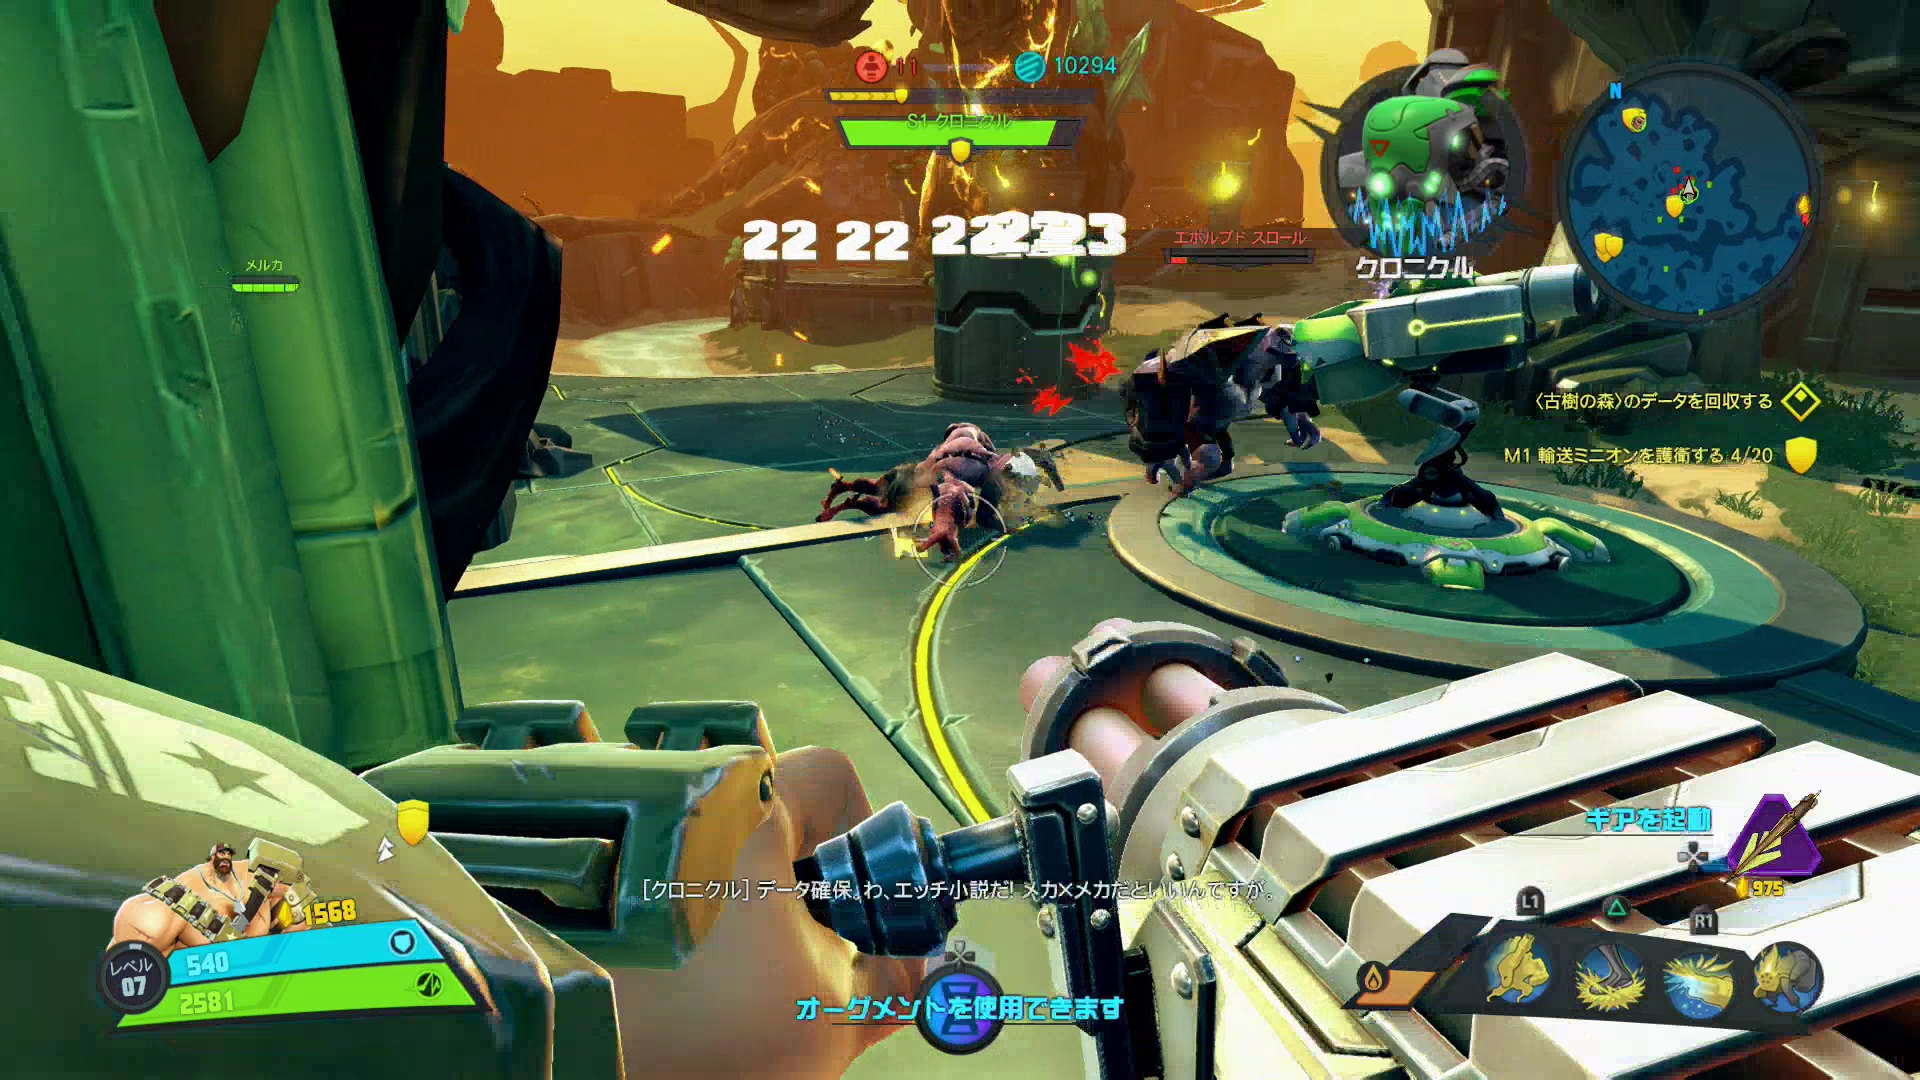 ゲーム内で「ギア」を使用したり、建造物を作るのに「シャード」を集めておけば、フィールド内の特定エリアに砲台を建設することも可能。特に防衛の時などは、次々と湧いてくる敵を倒すのに、非常に重宝する